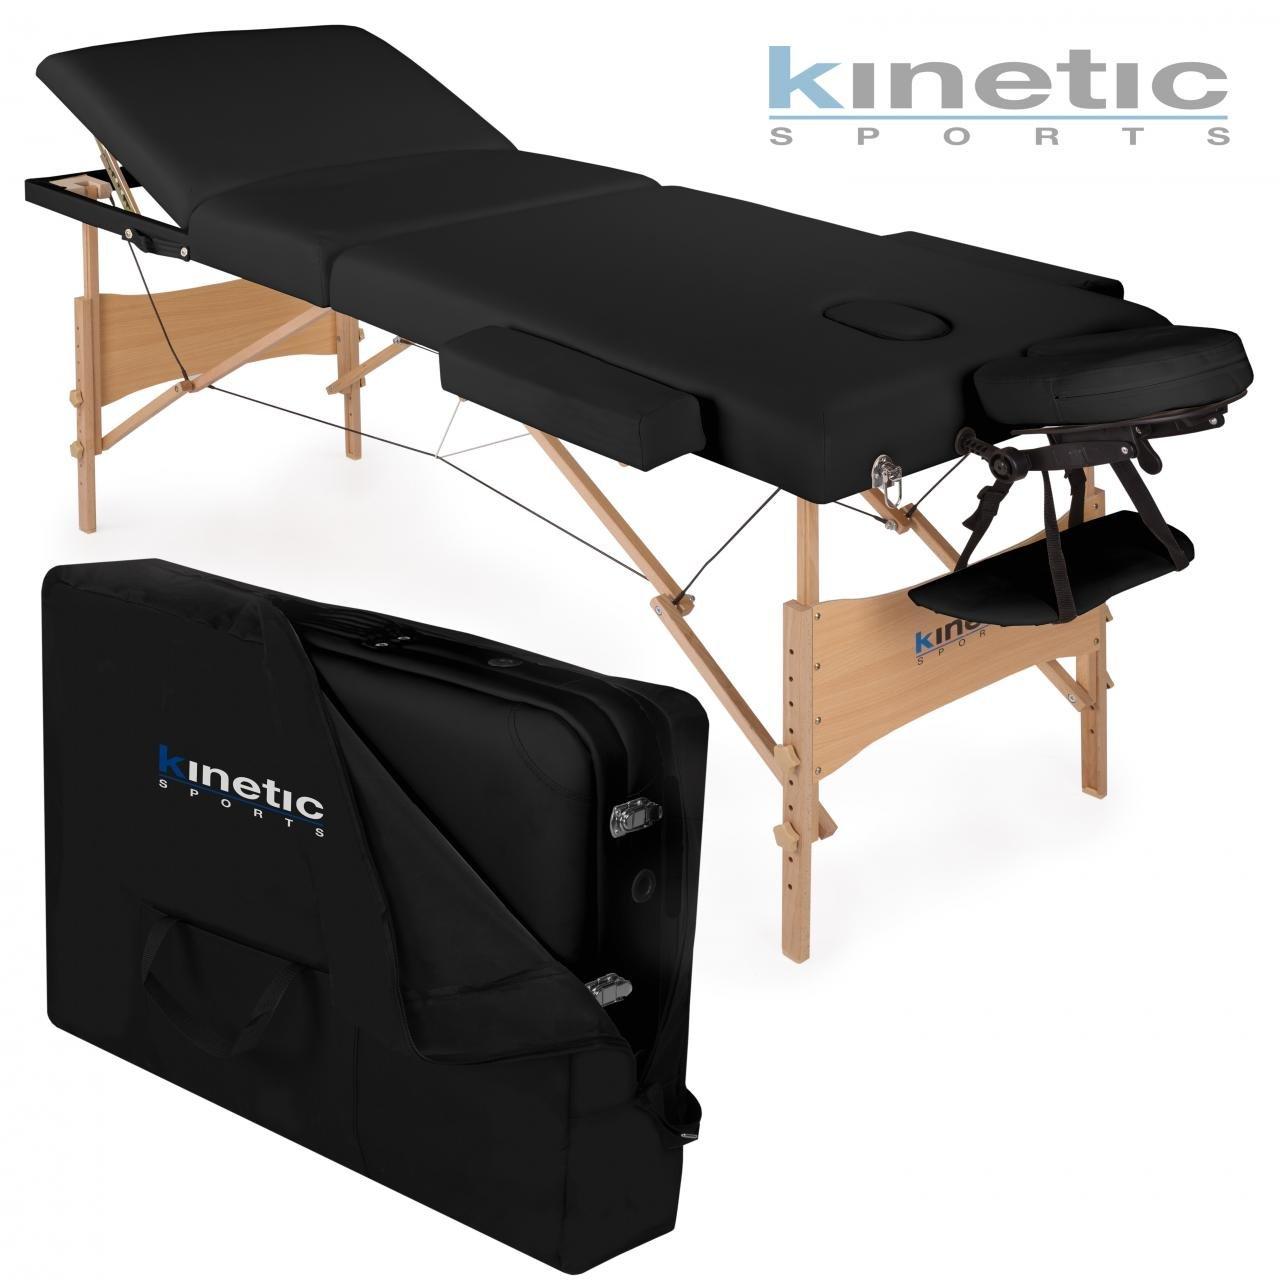 table de massage pliante le bon coin table de massage. Black Bedroom Furniture Sets. Home Design Ideas